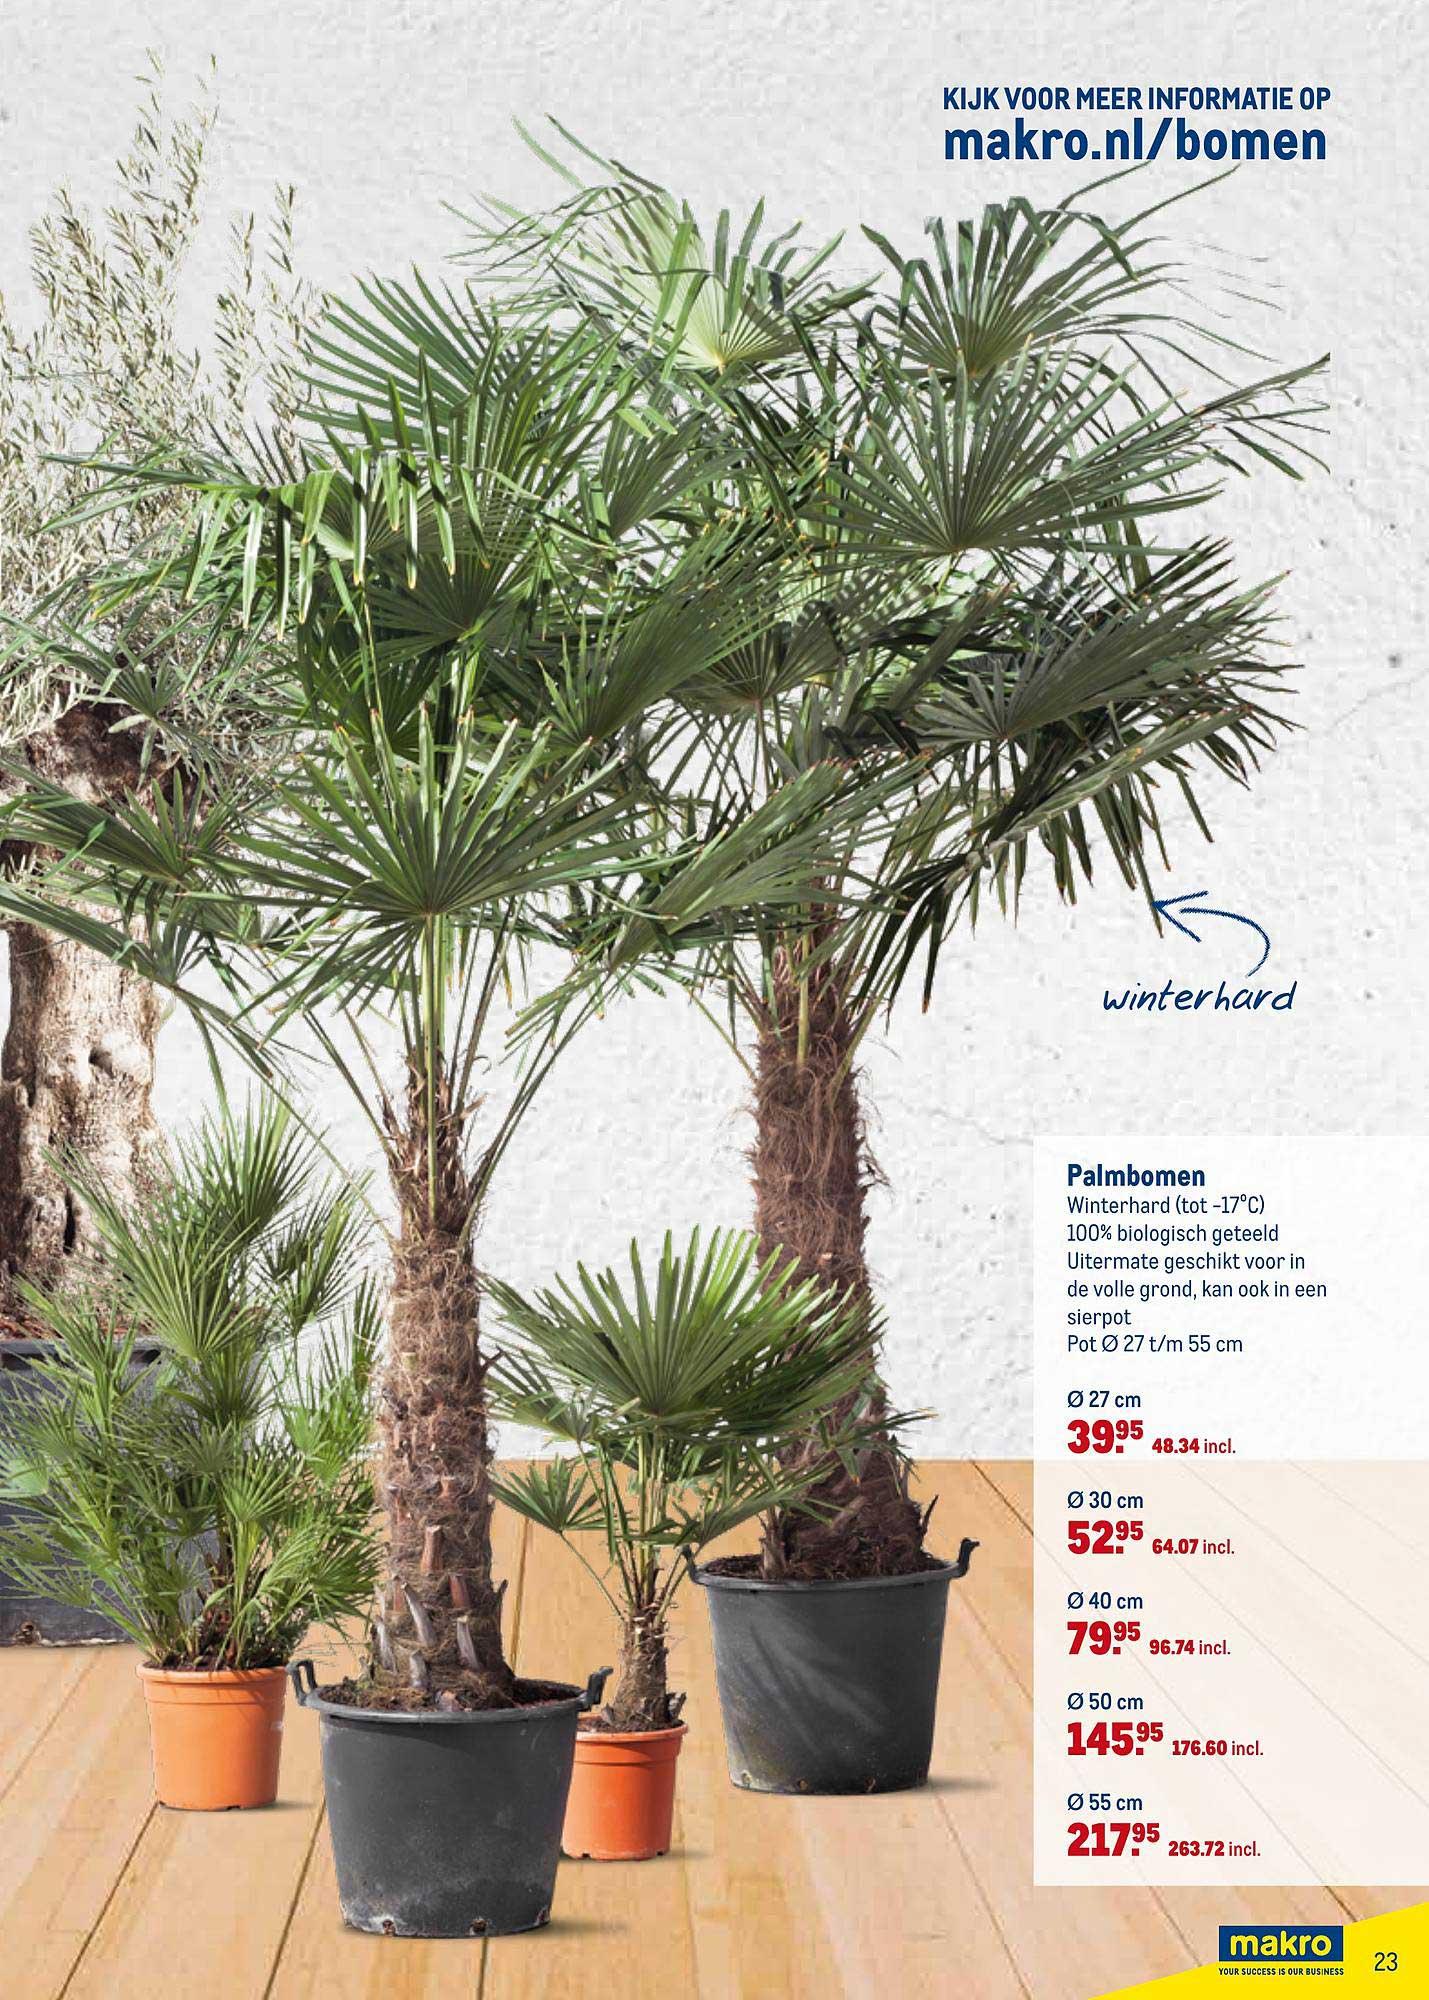 Makro Palmbomen